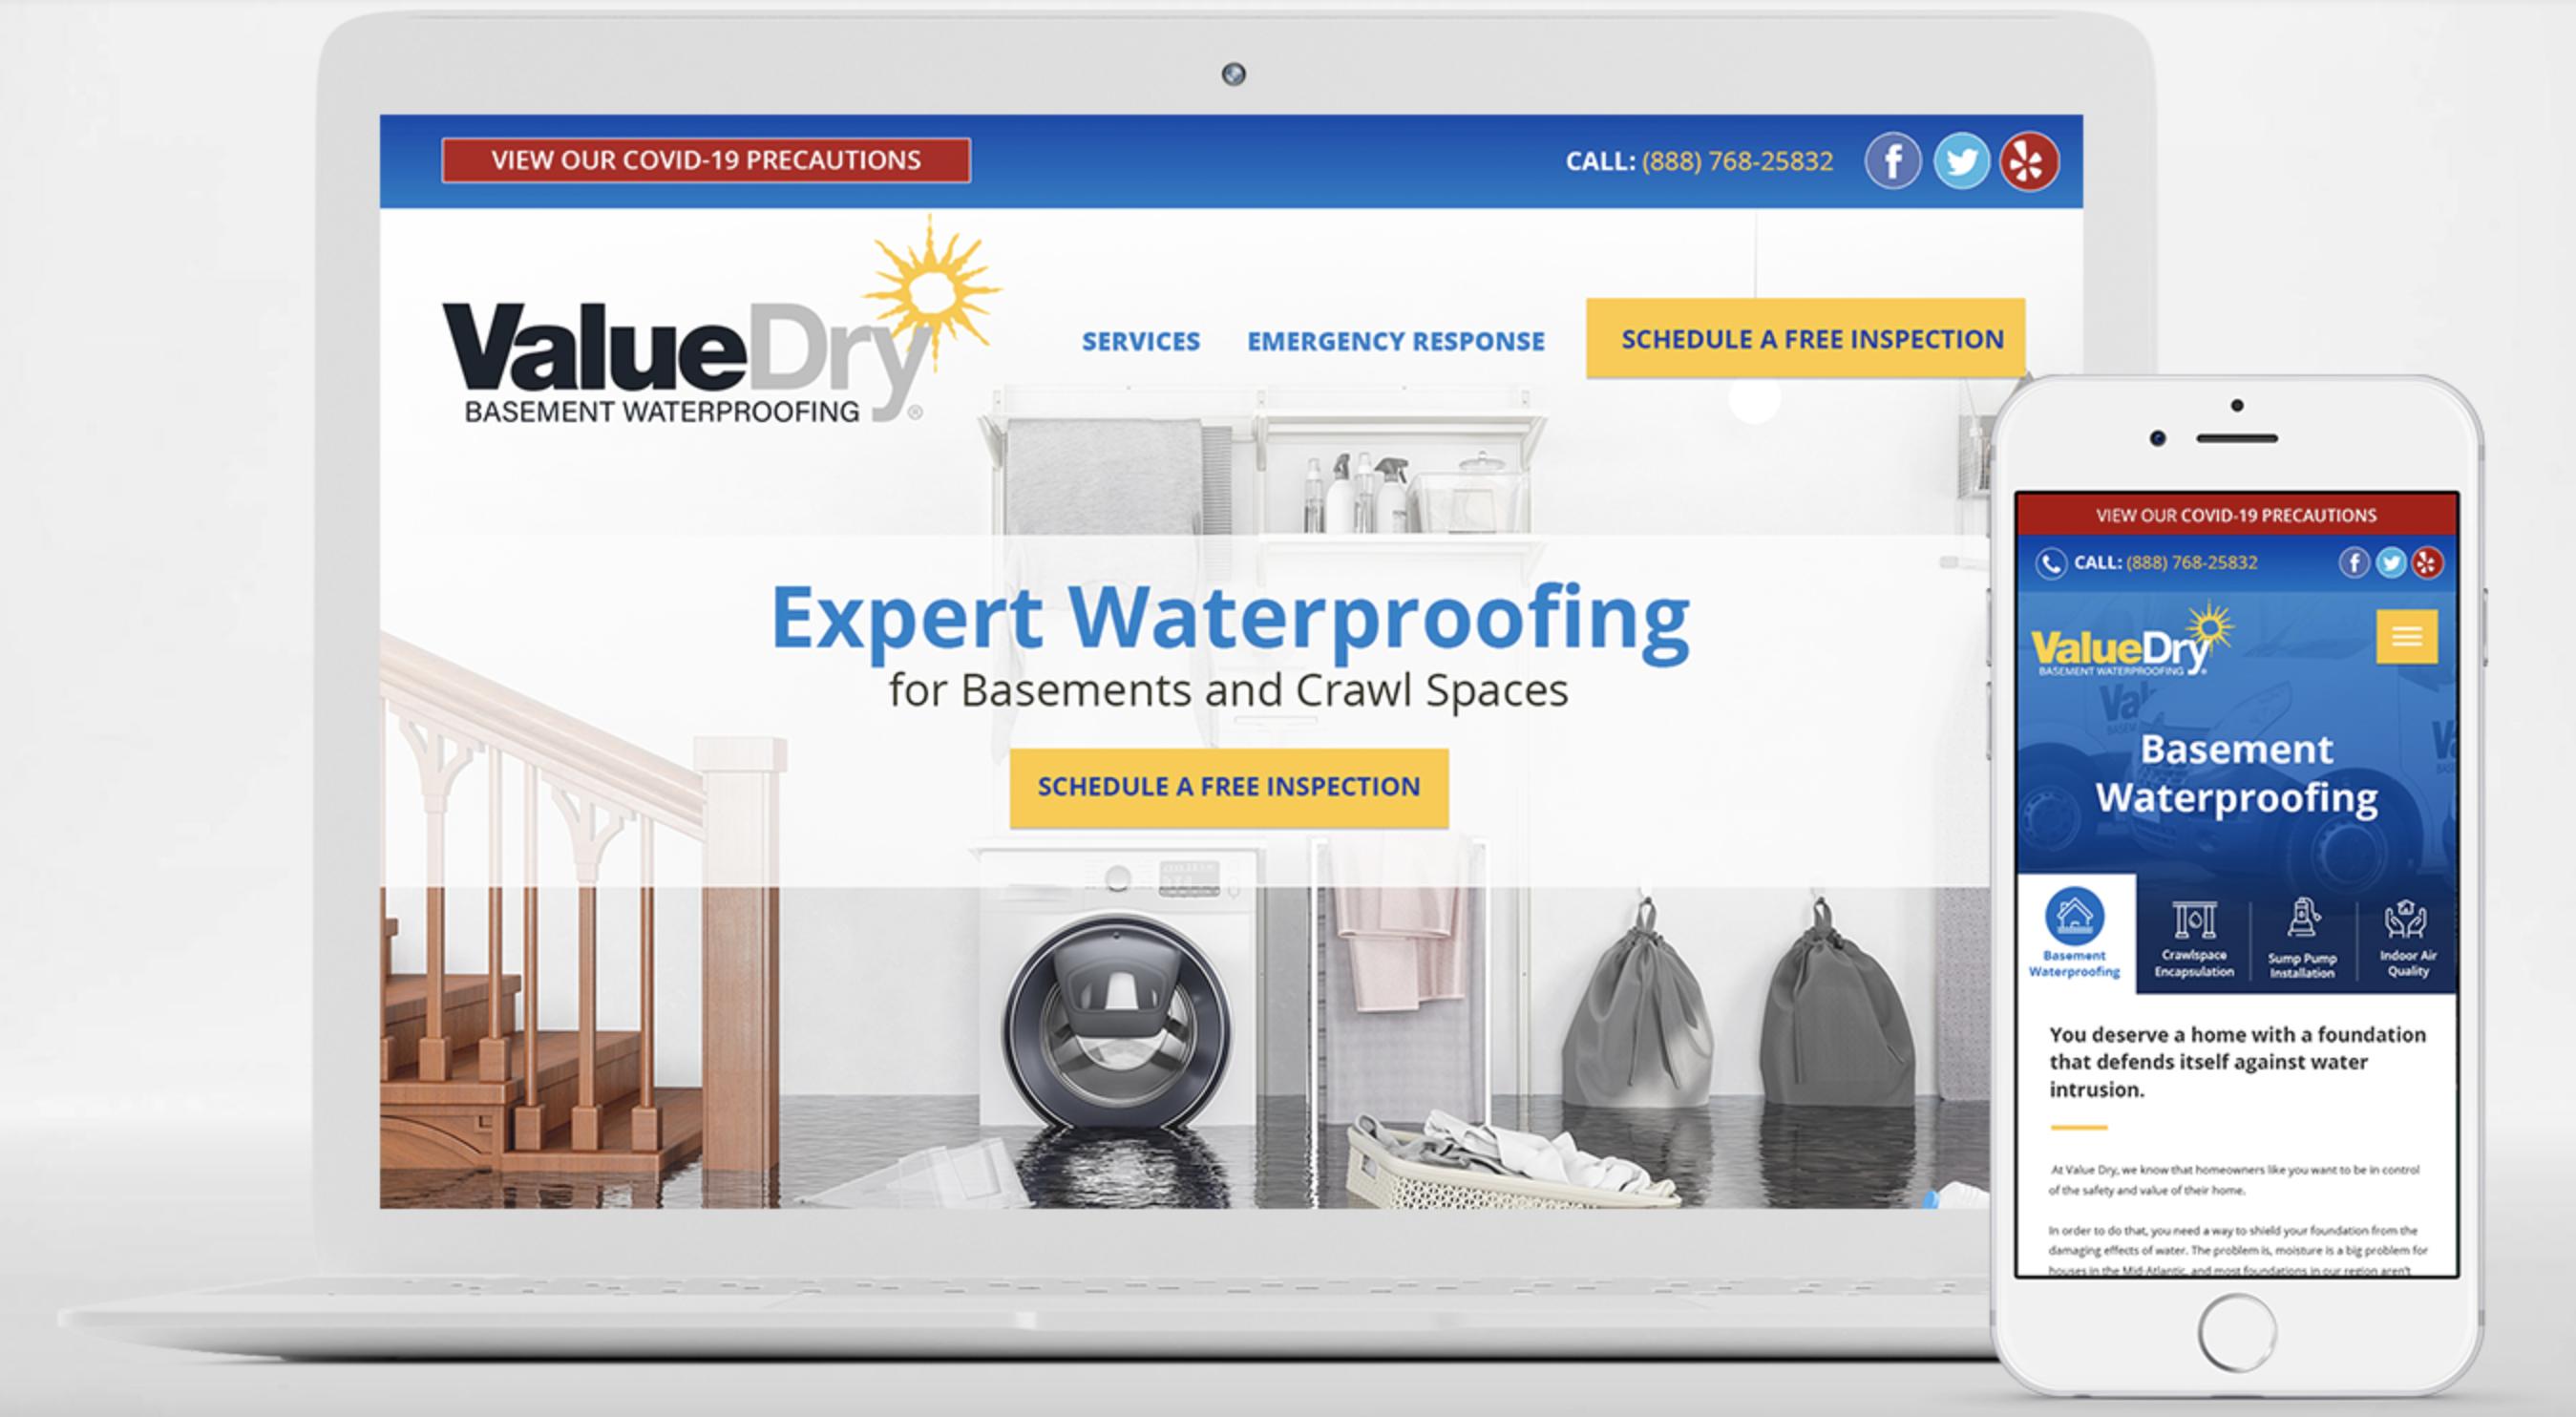 Meet Value Dry Waterproofing